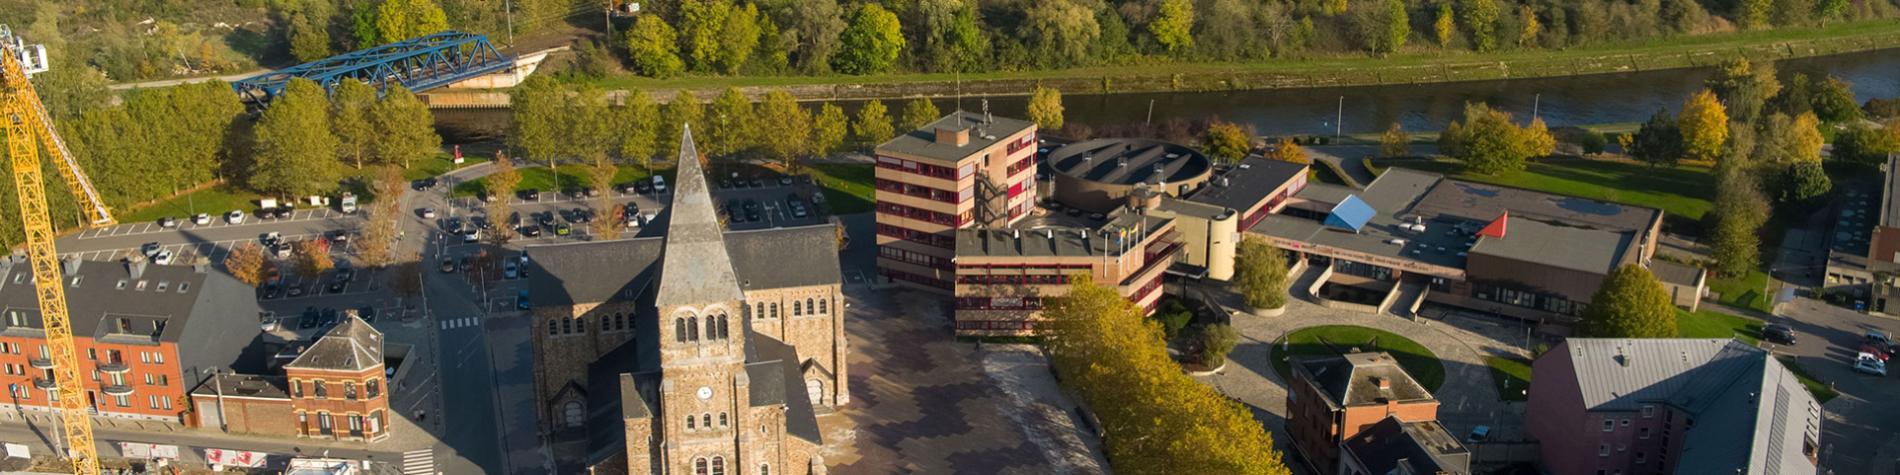 MTSO - Maison du Tourisme Sambre-Orneau - Auvelais